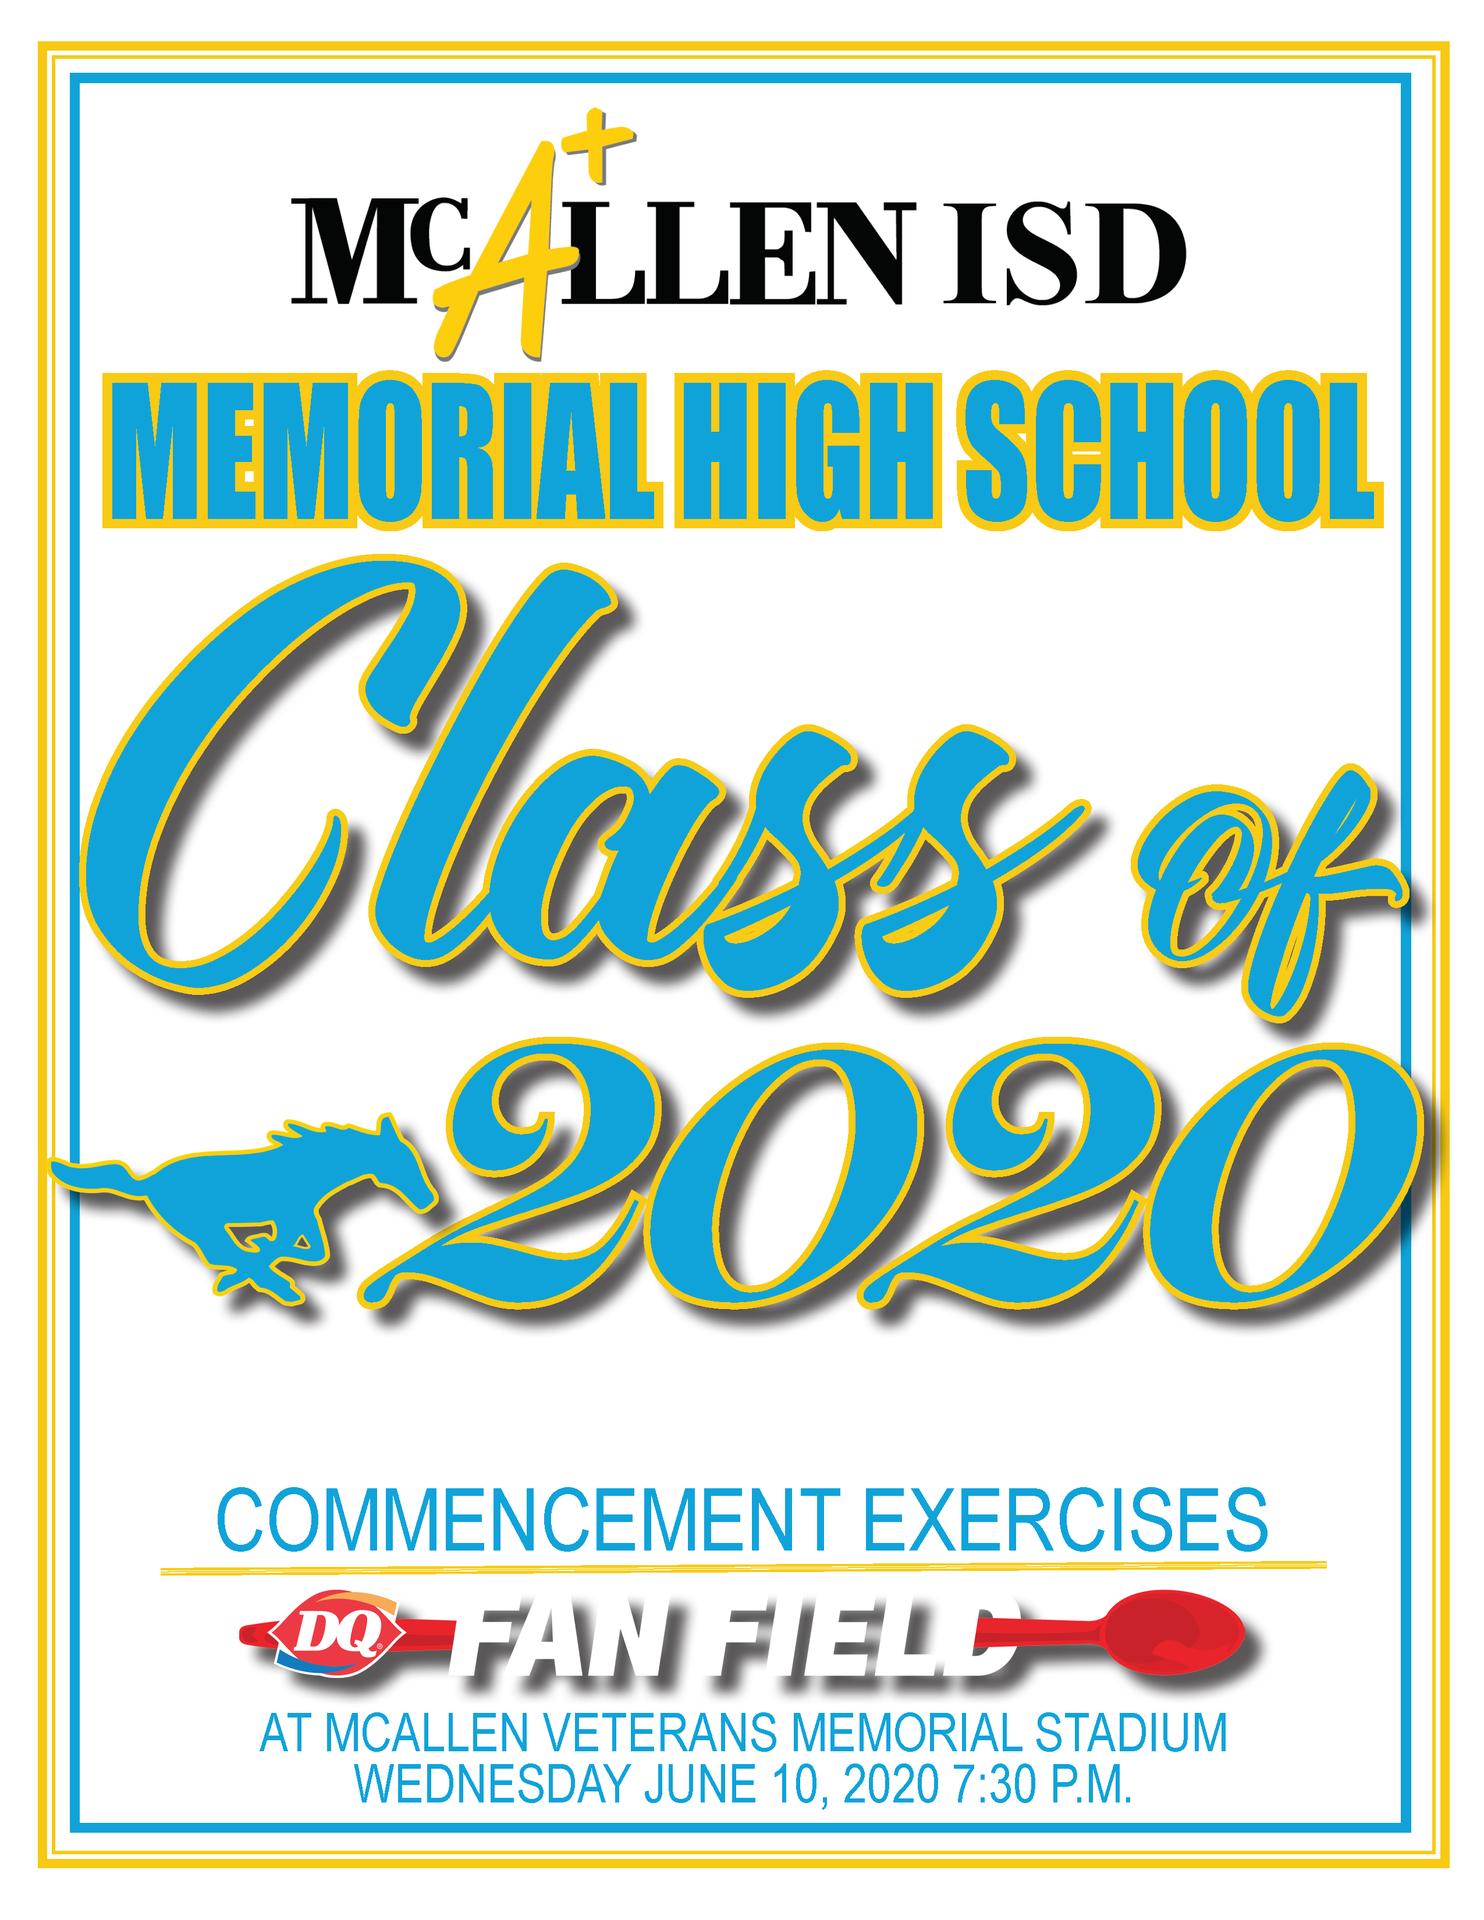 McAllen Memorial High School Graduation